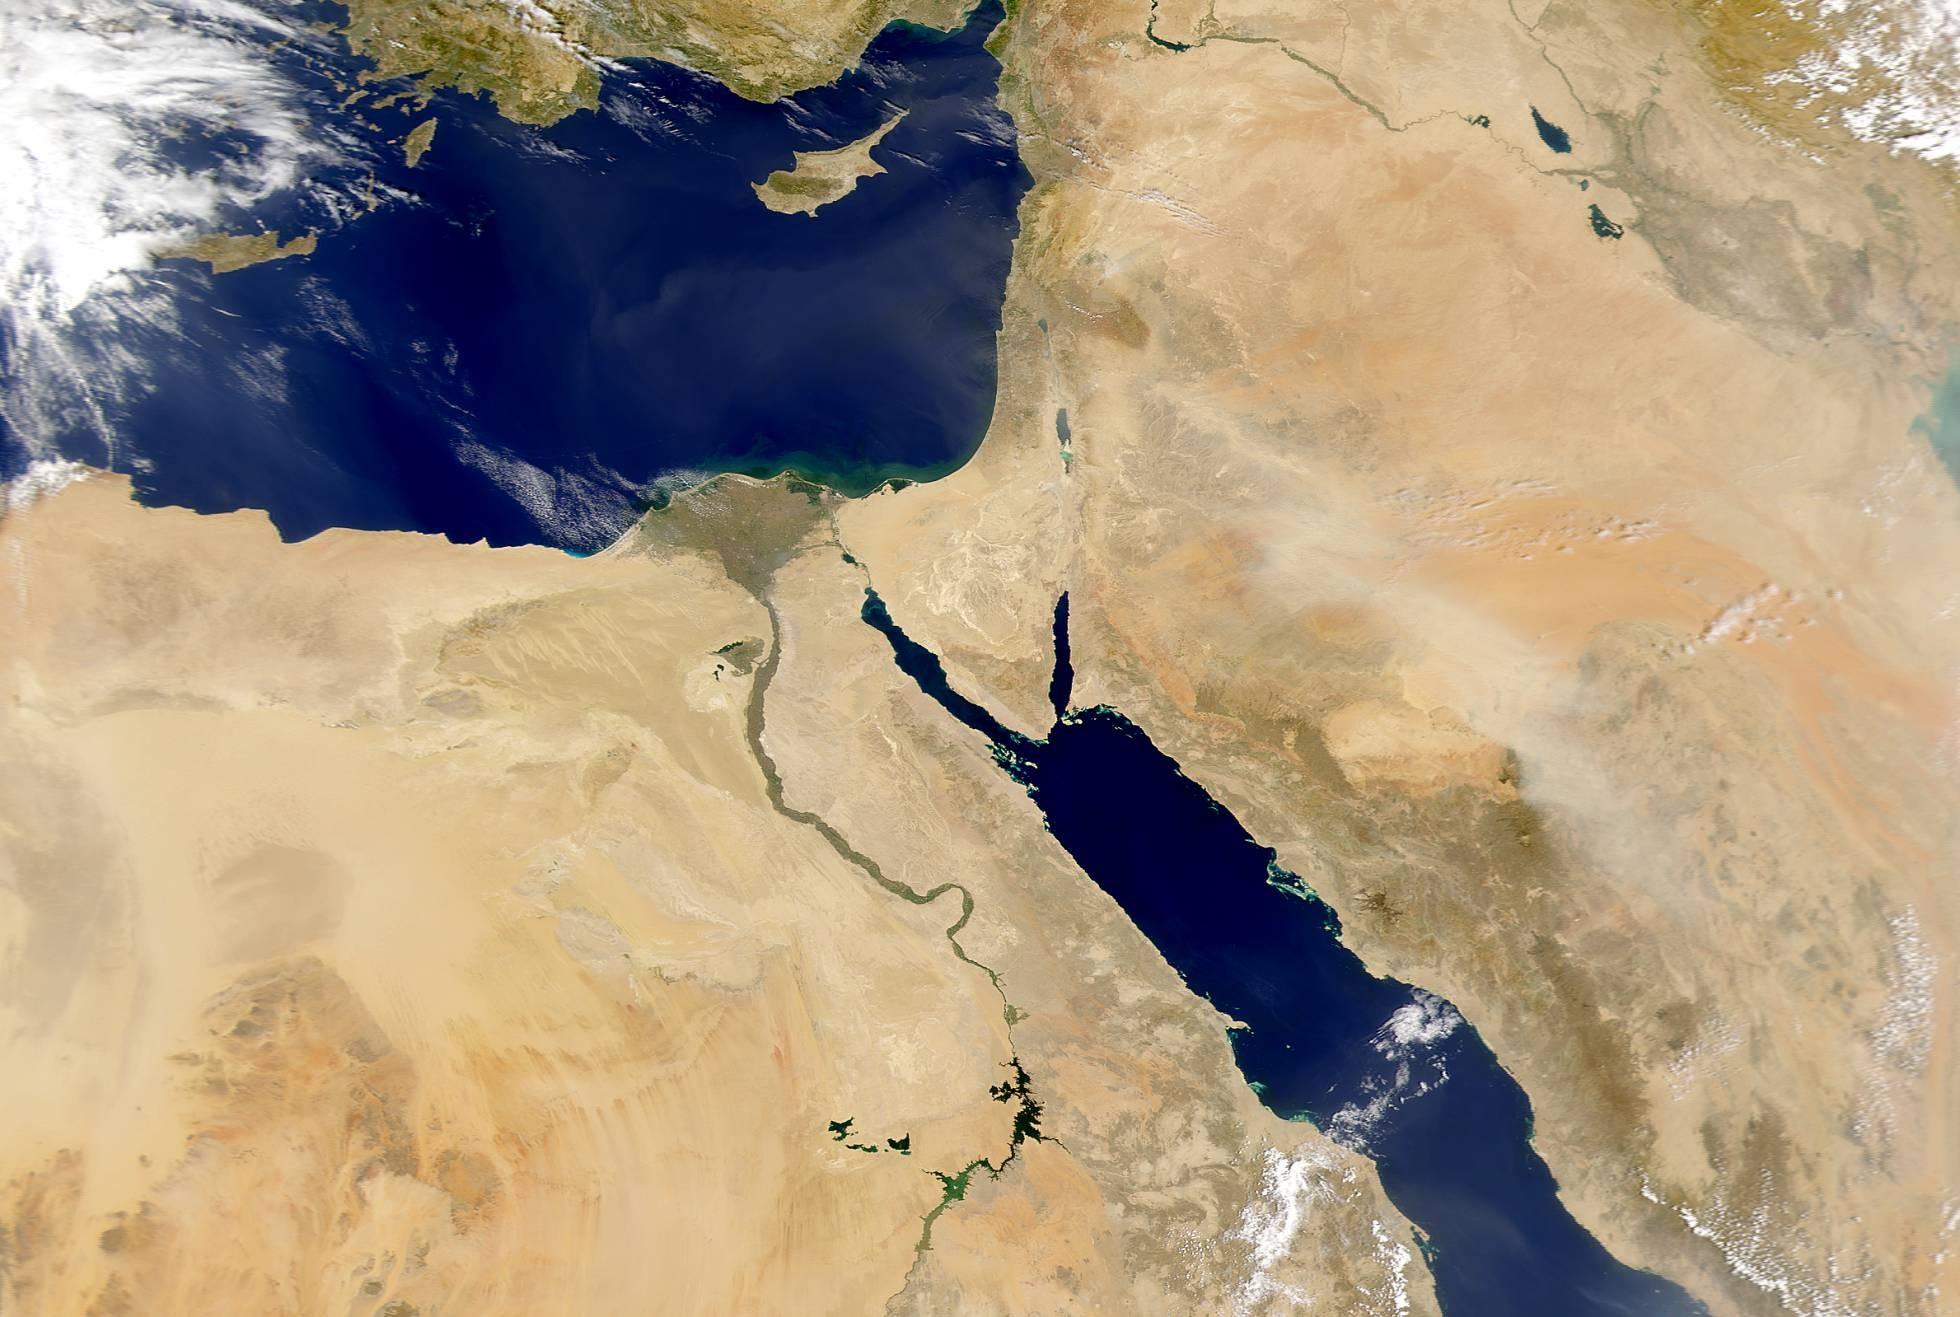 O rio Nilo era a base da sociedade egípcia (Foto: JEFF SCHMALTZ/NASA GSFC)